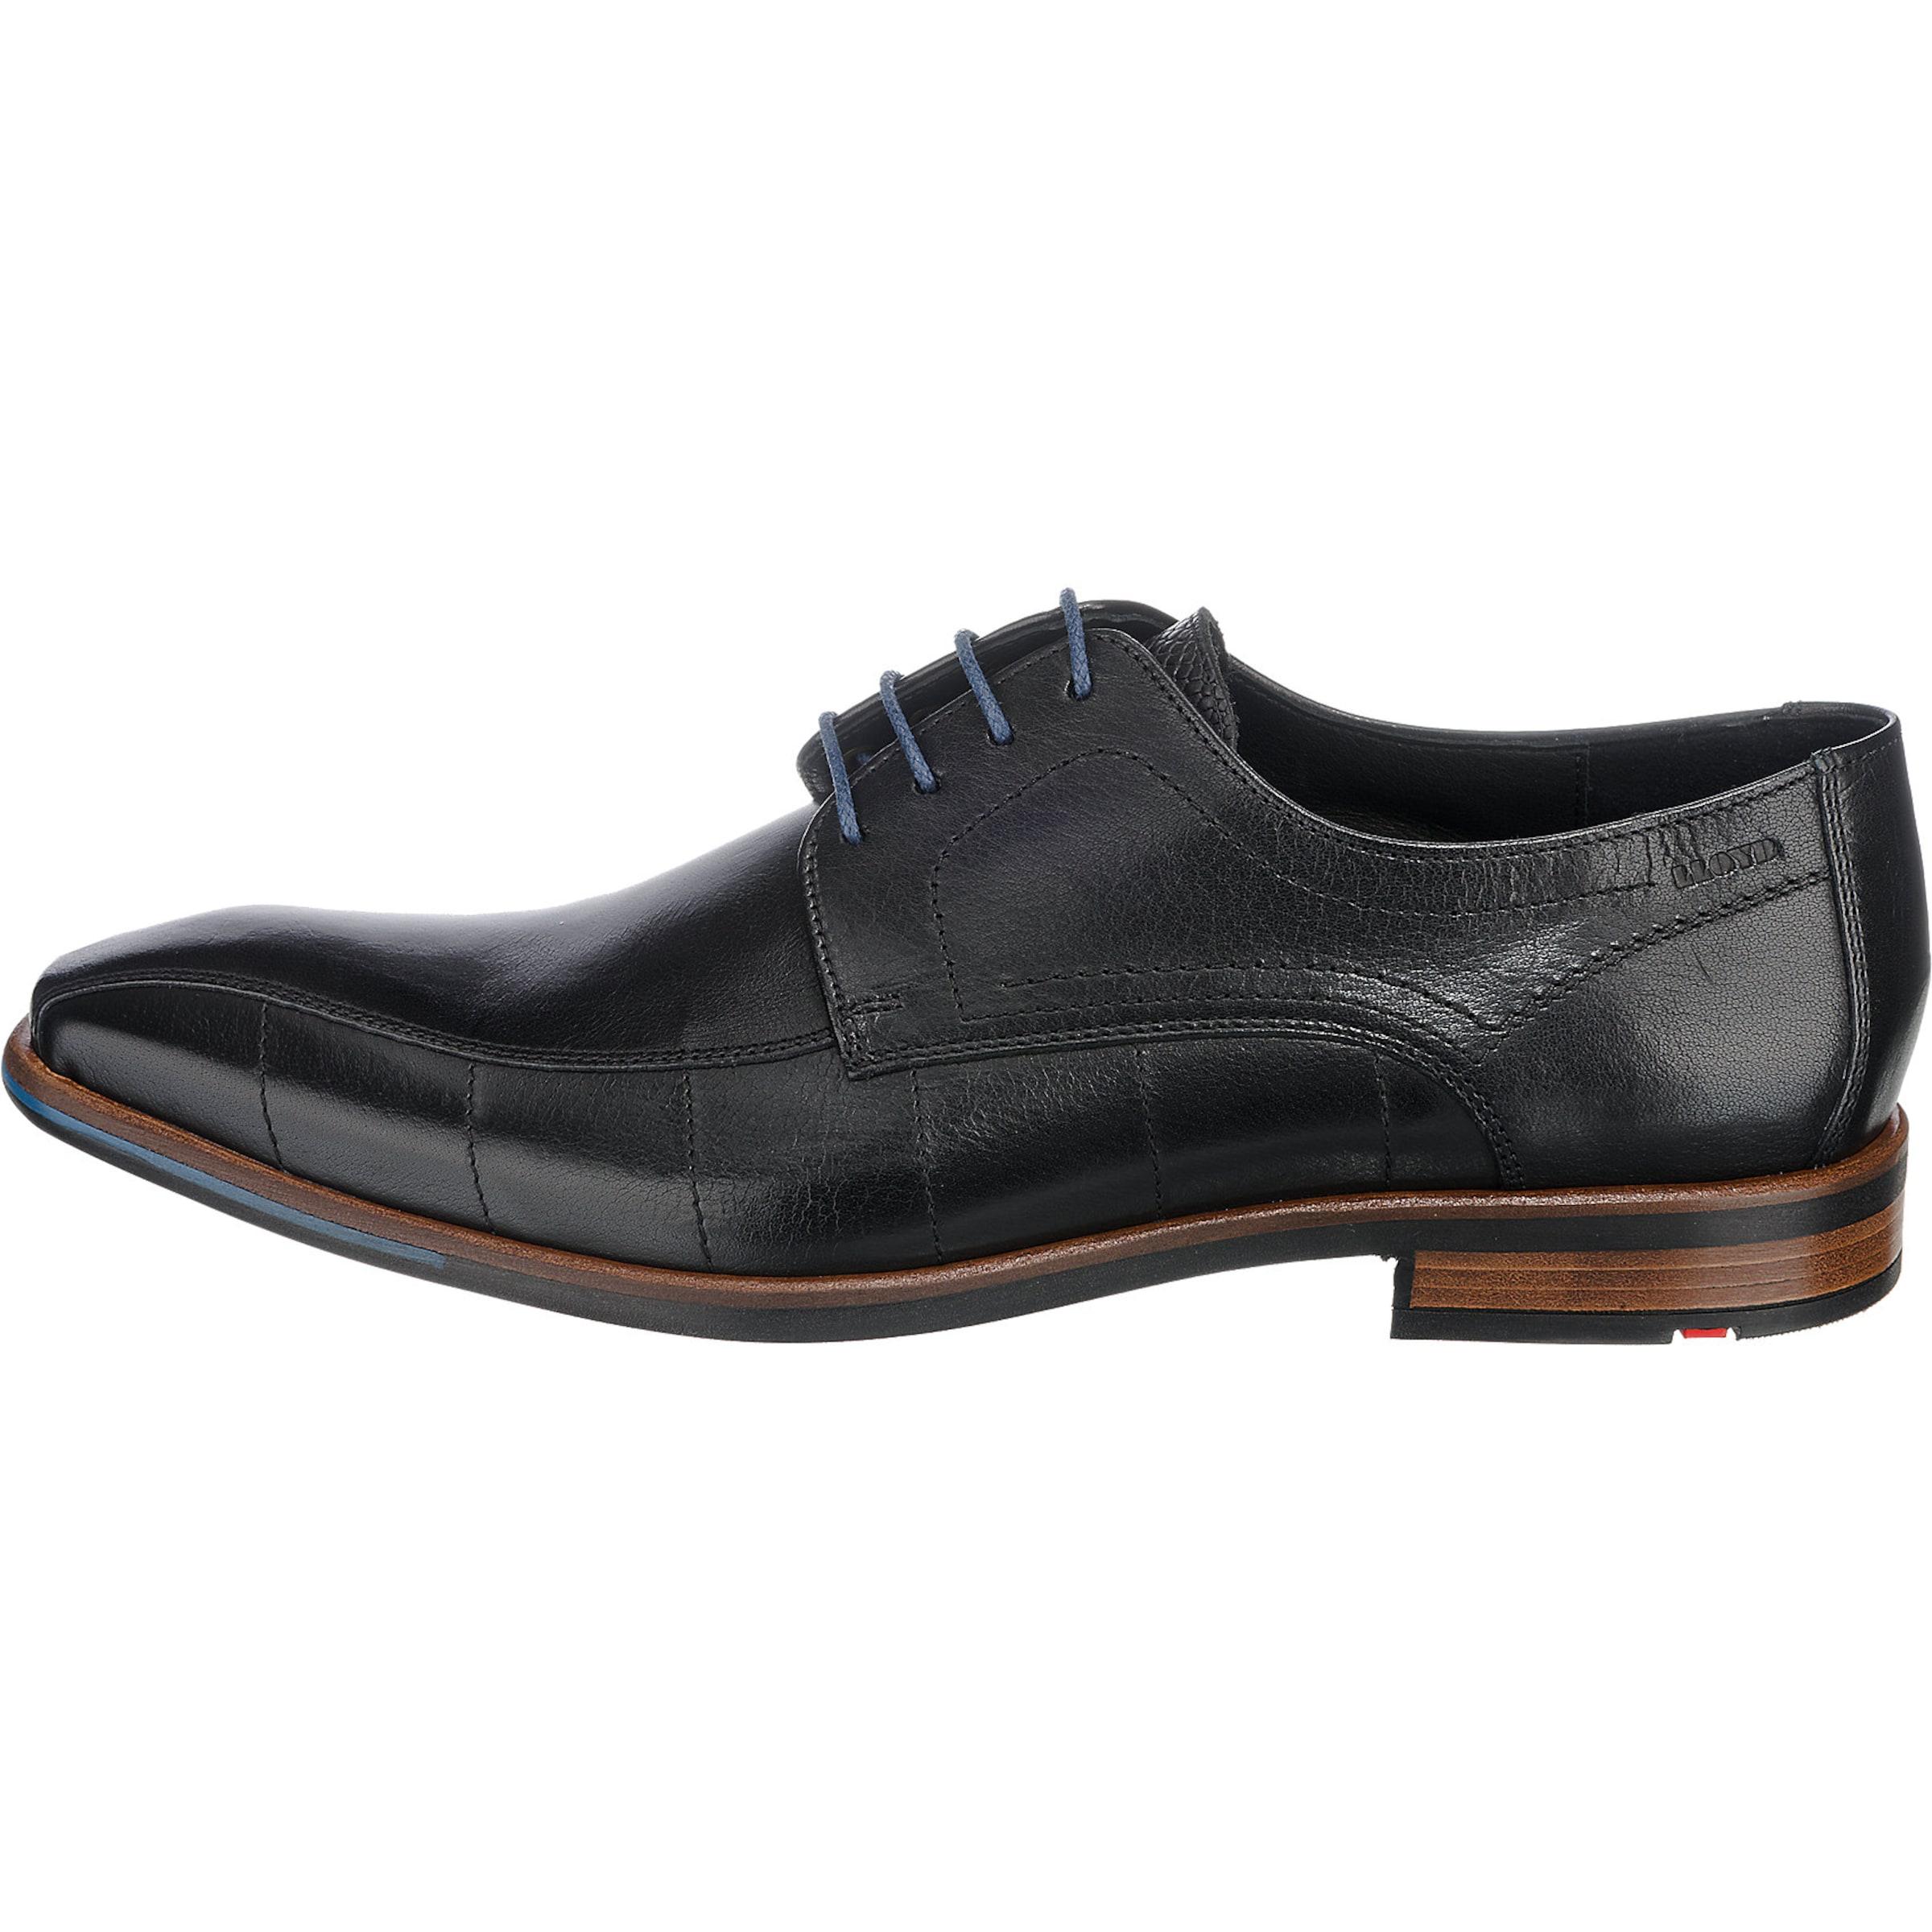 Schuhe In Schwarz Donny Lloyd Business 08nOPkXw